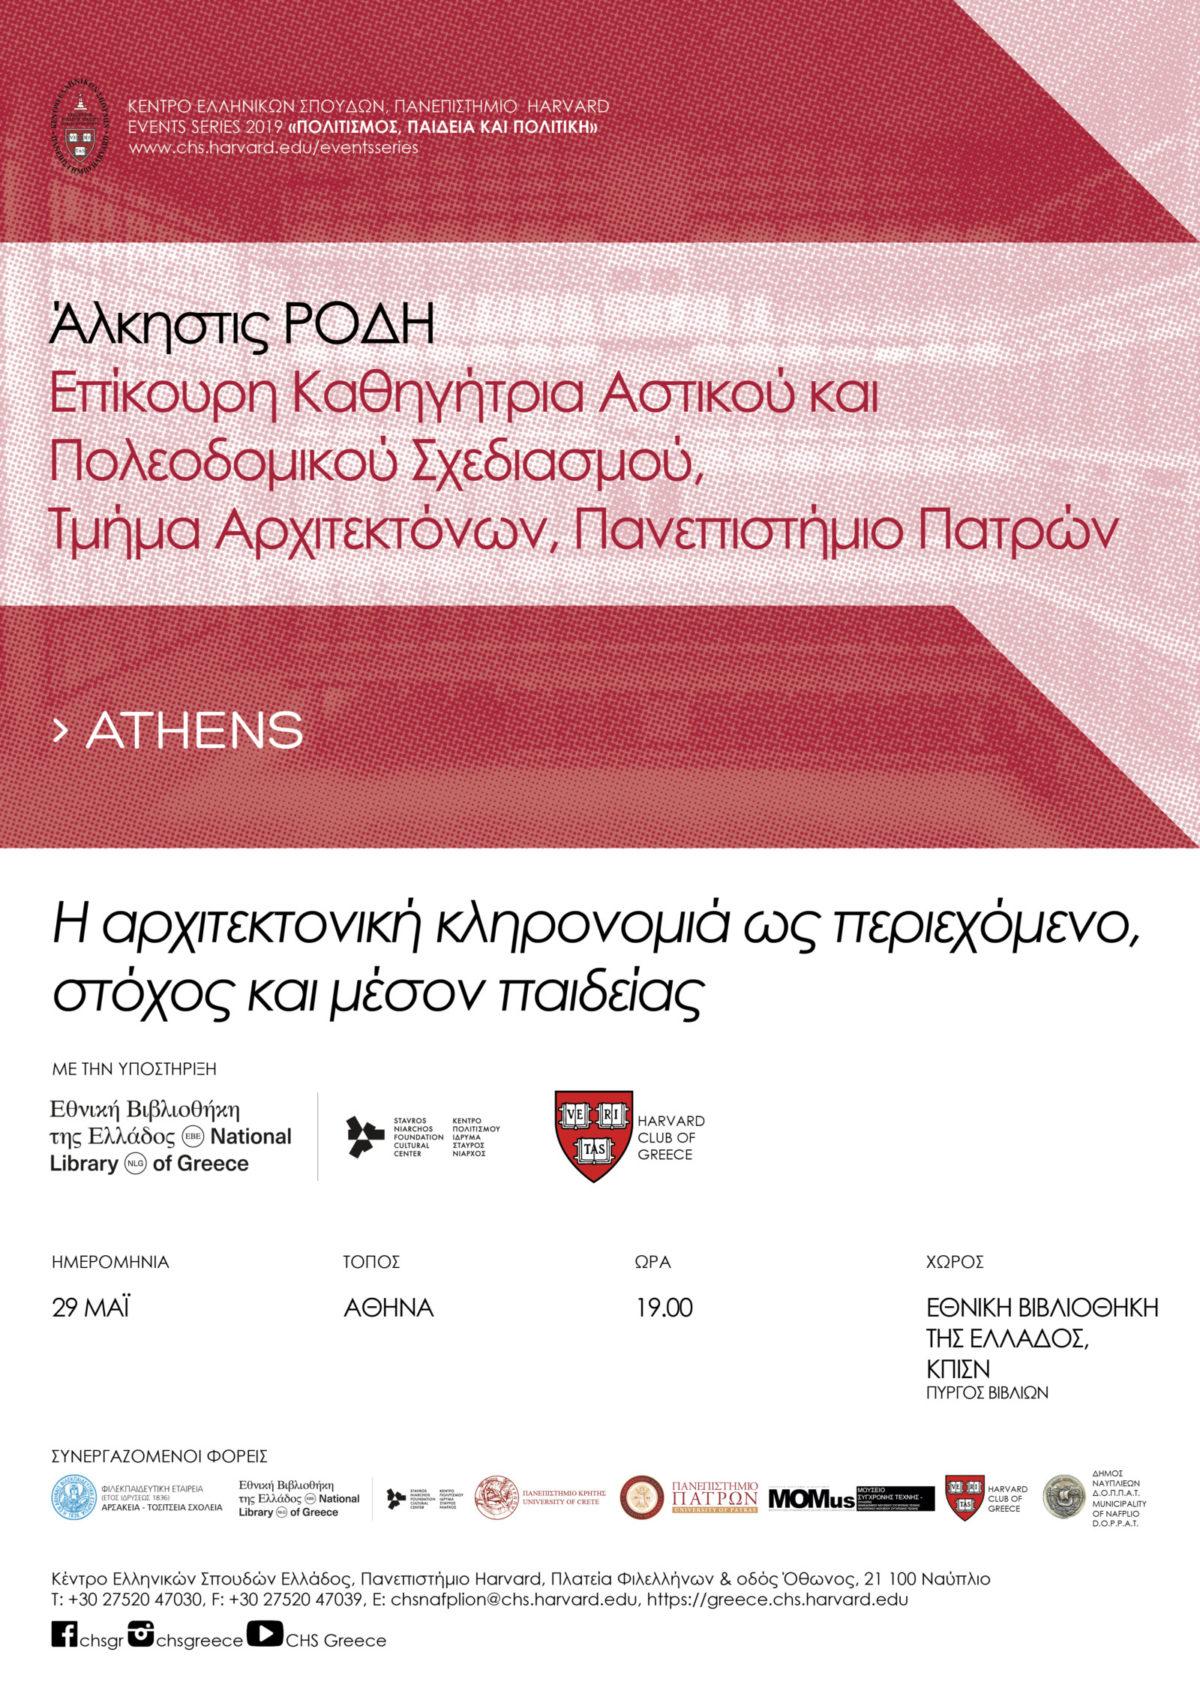 Διάλεξη της Άλκηστης Ρόδη με θέμα: «Η αρχιτεκτονική κληρονομιά ως περιεχόμενο, στόχος και μέσον παιδείας», Τετάρτη 29 Μαΐου 2019